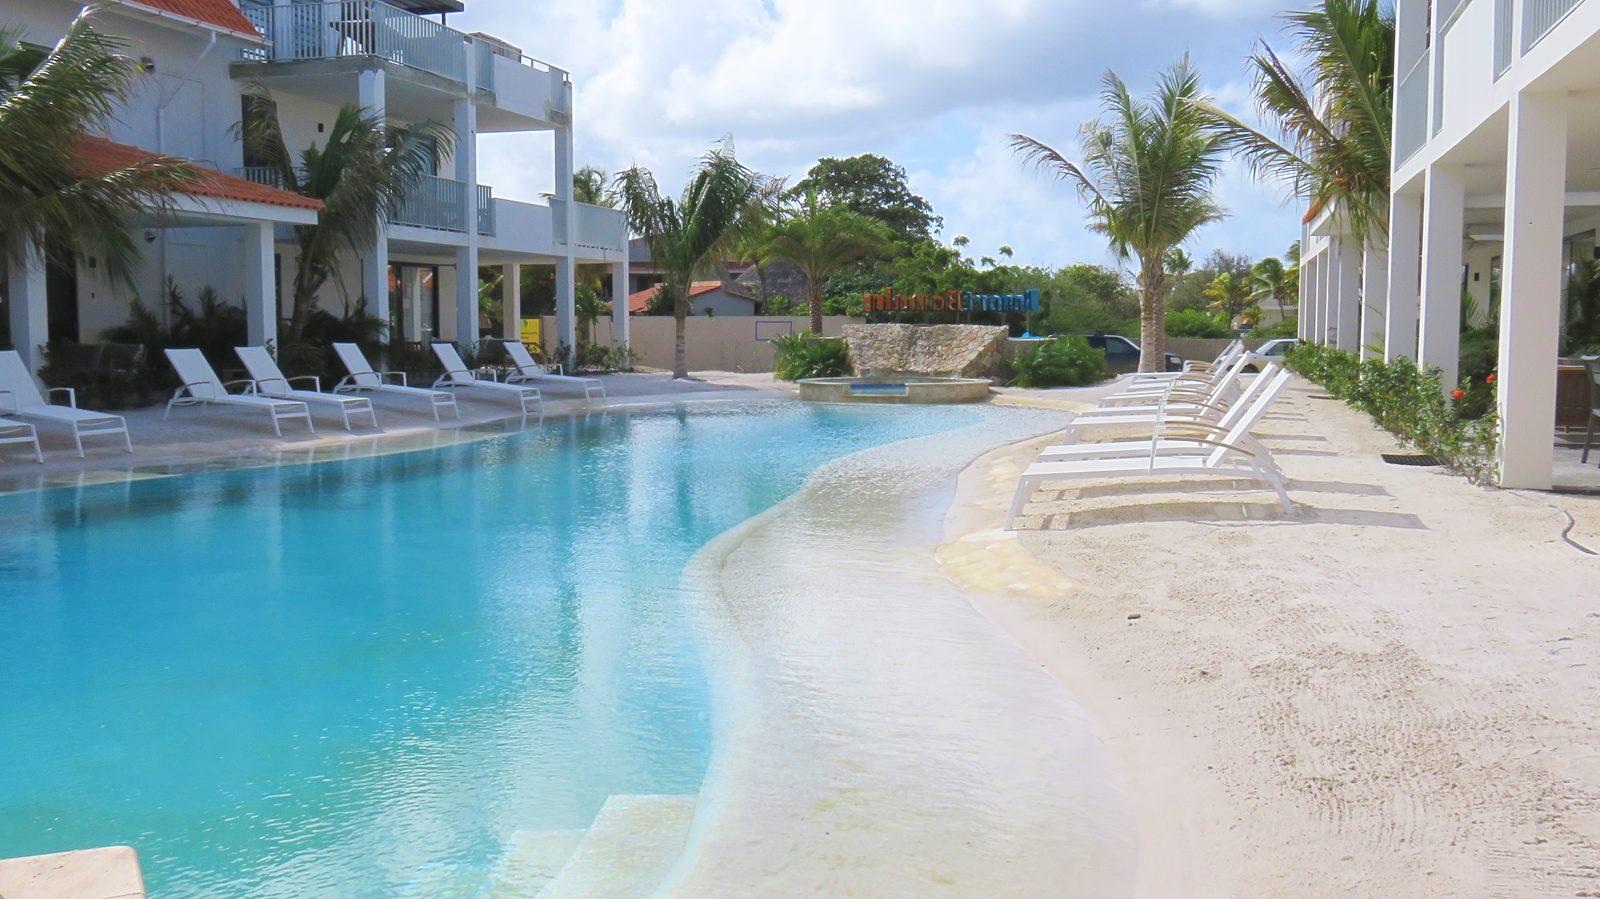 Découvrez la piscine du Resort Bonaire. Cette piscine en bord de plage est l'endroit où vous pourrez vous détendre et profiter du beau temps. Les enfants y passeront également un super moment.